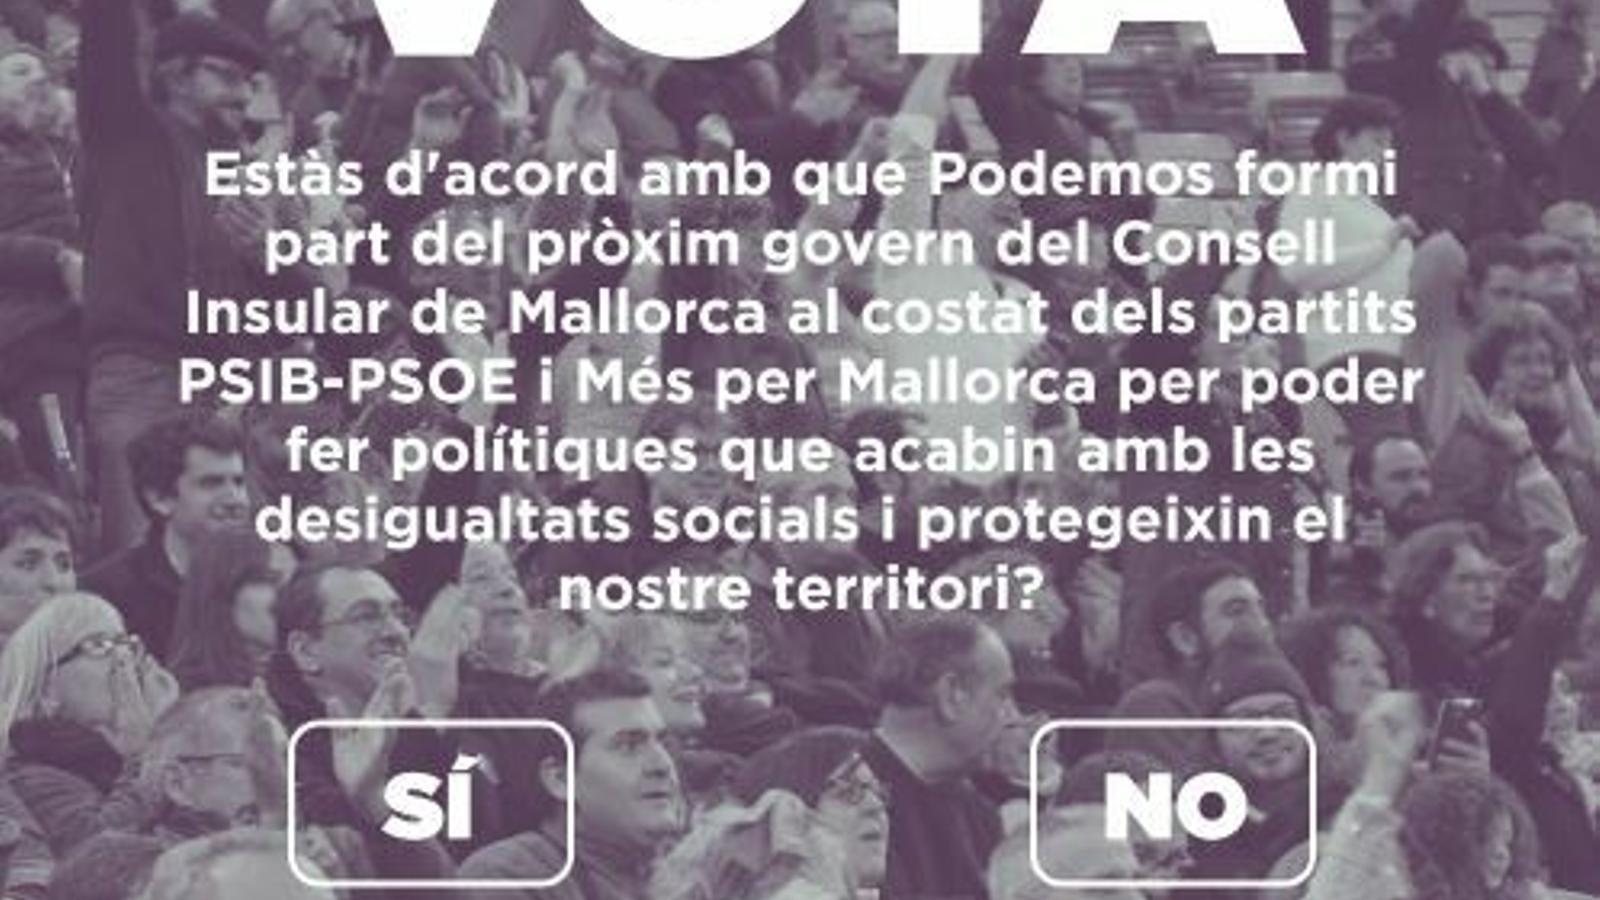 Les bases de Podem aproven els acord per entrar als Consells de Mallorca i Menorca